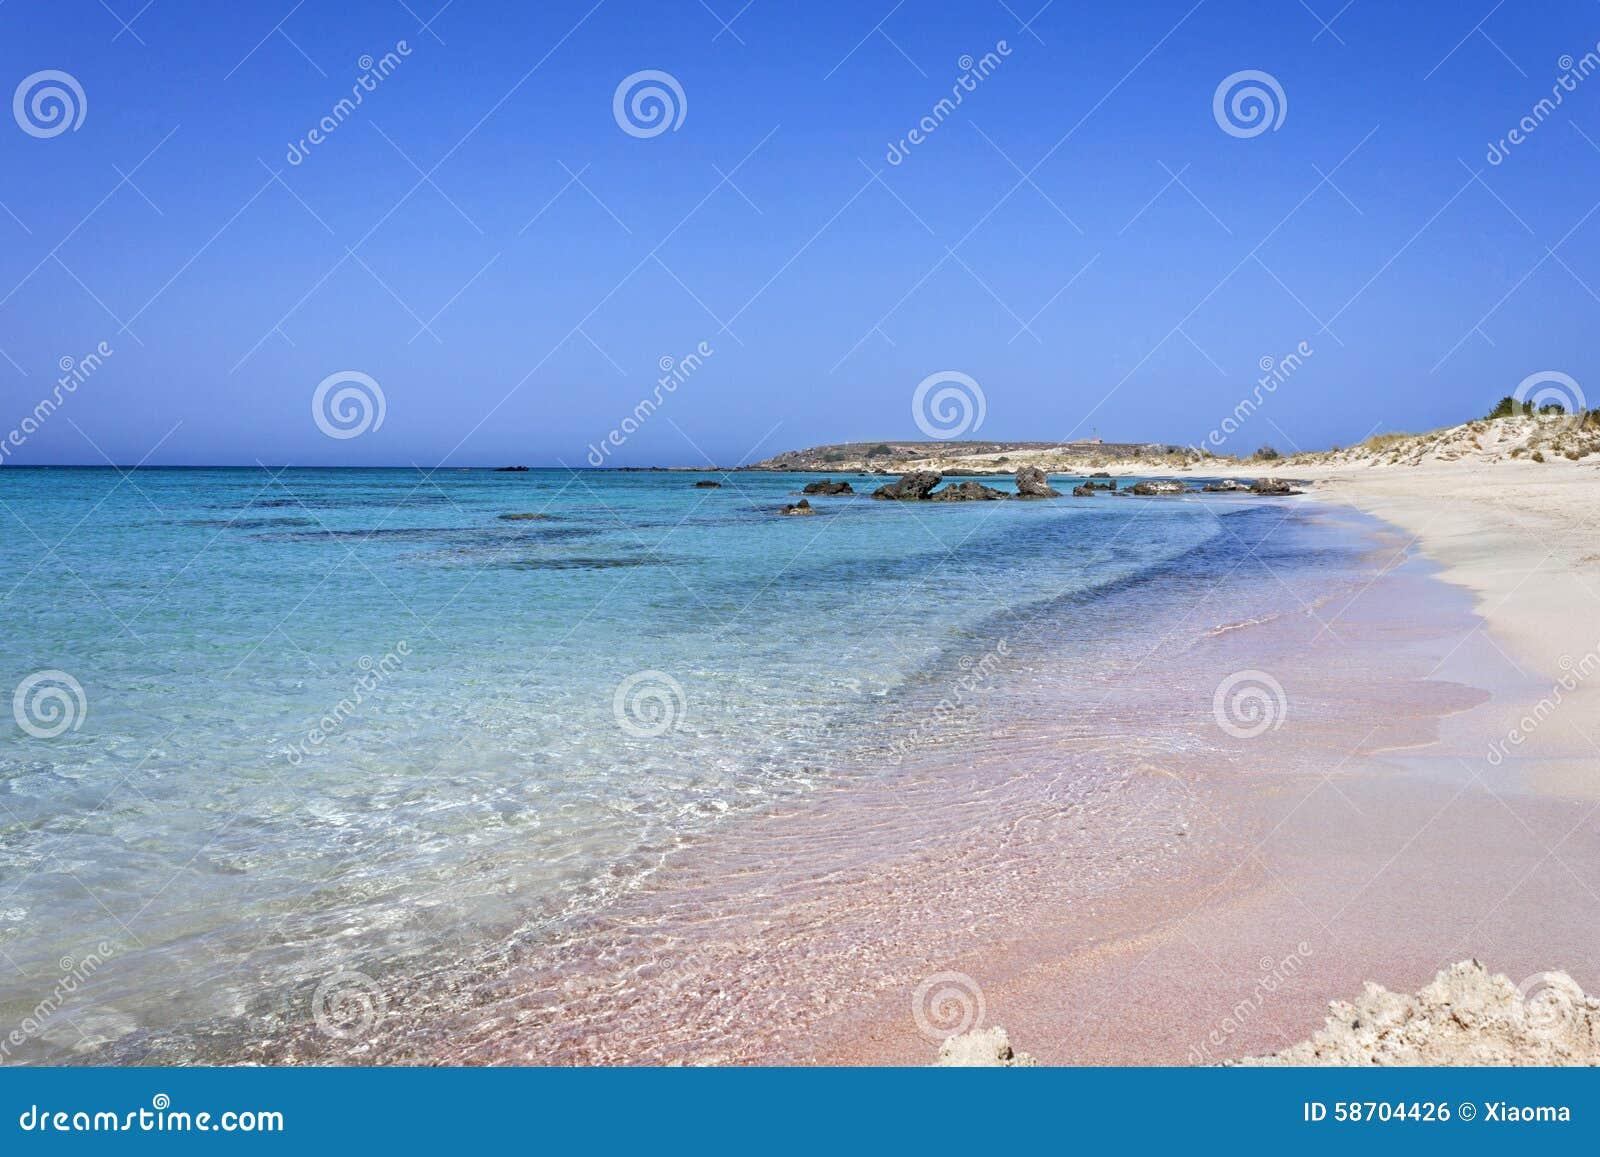 Grand Bay Beach Resort Crete Greece